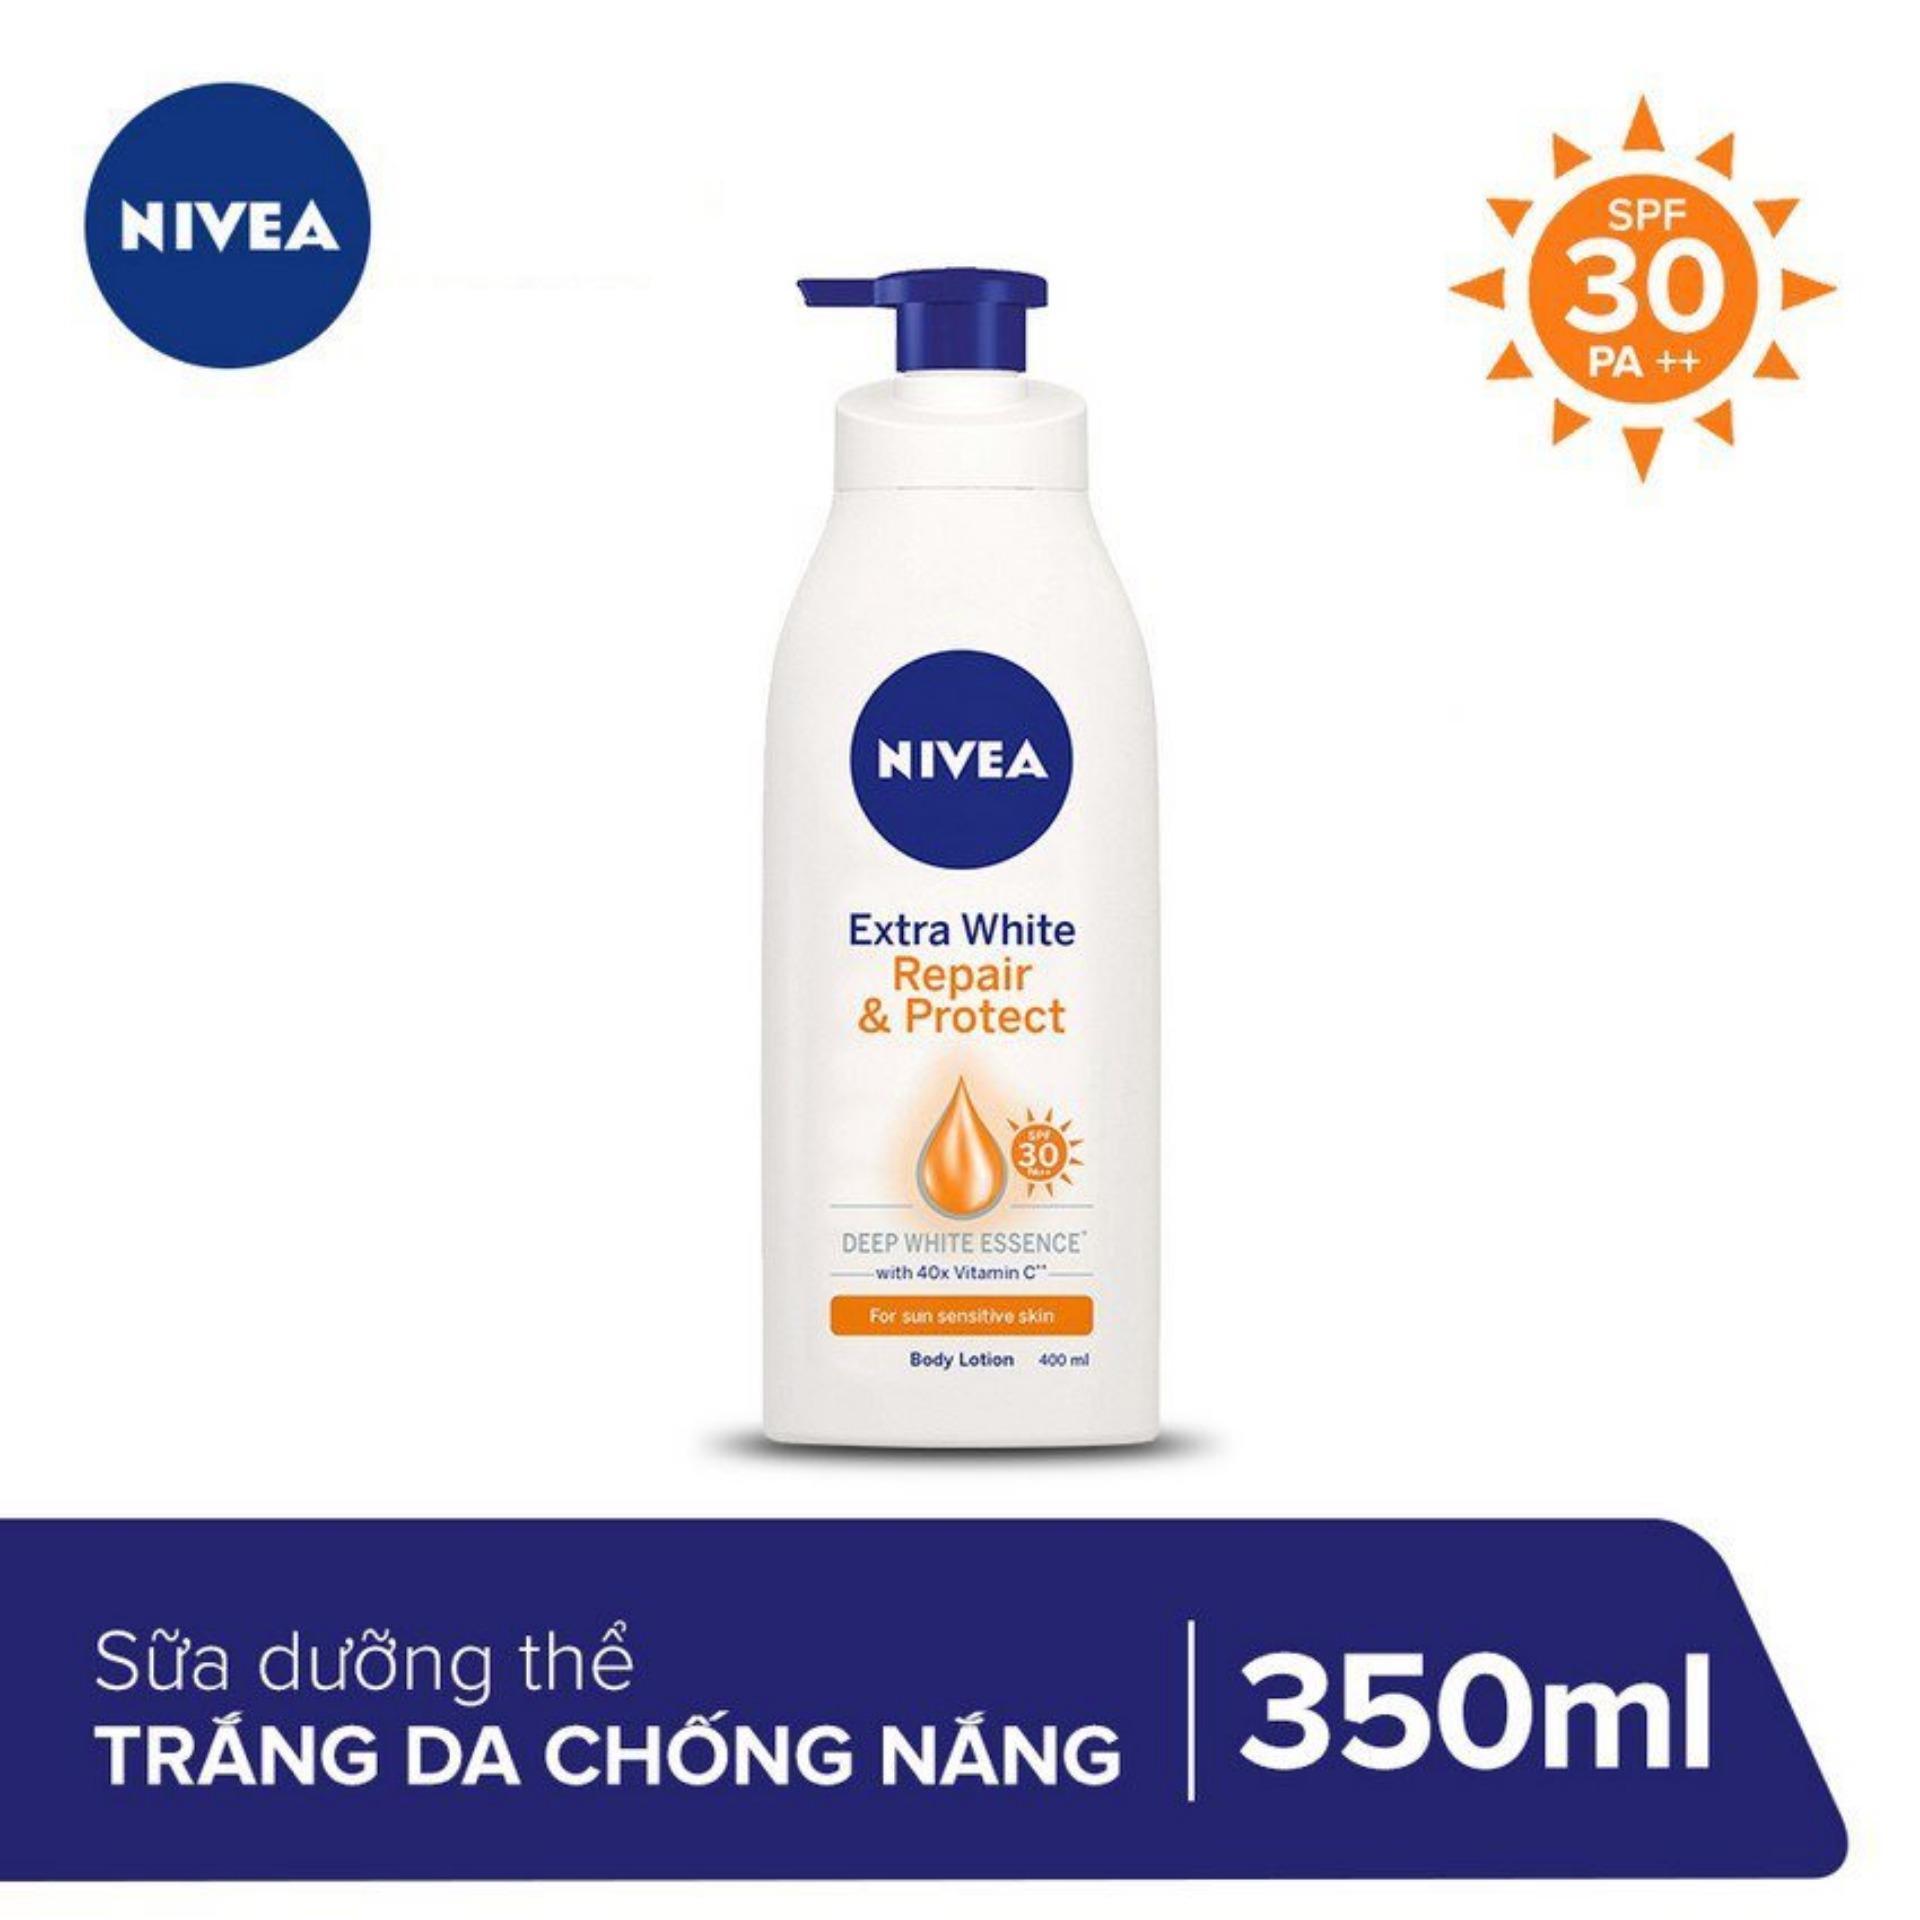 Sữa Dưỡng Trắng Giúp Phục Hồi & Chống Nắng Nivea 350ml _ 88311